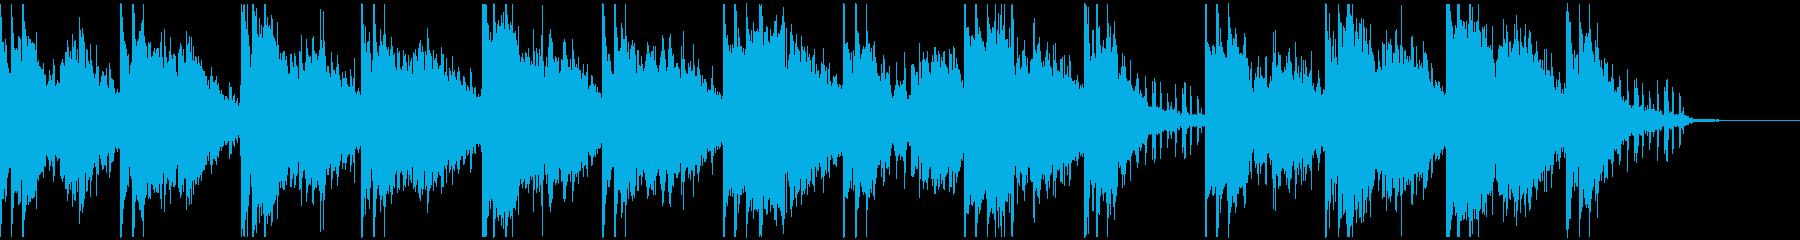 スタイリッシュなテクスチャー楽曲生音使用の再生済みの波形